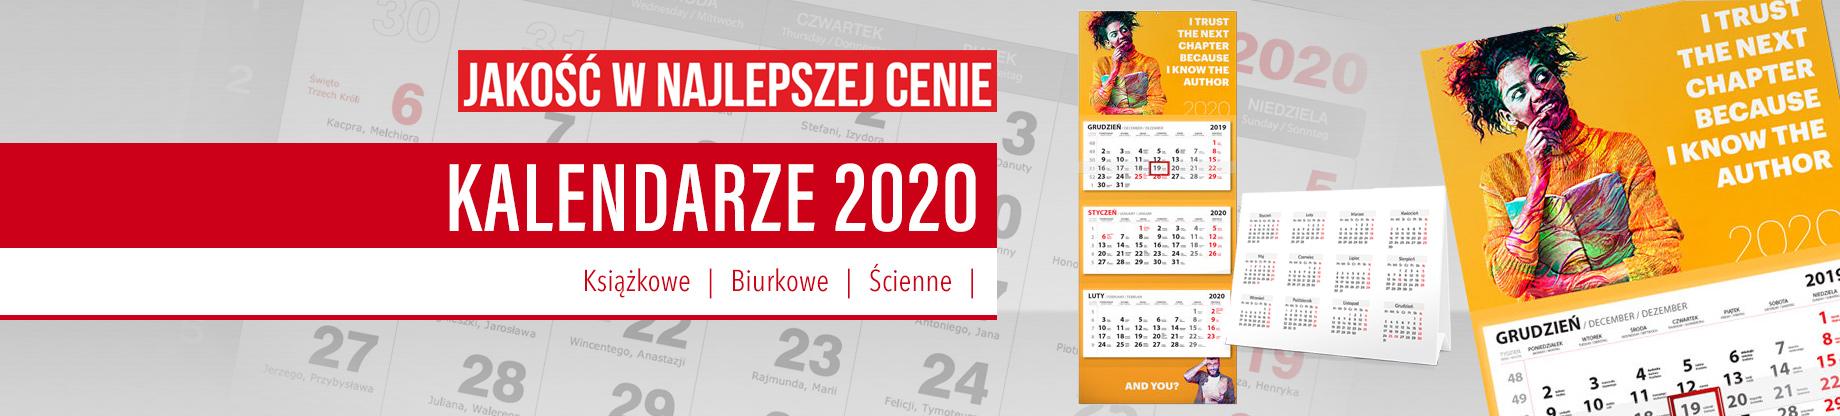 KALENDRZE 2020